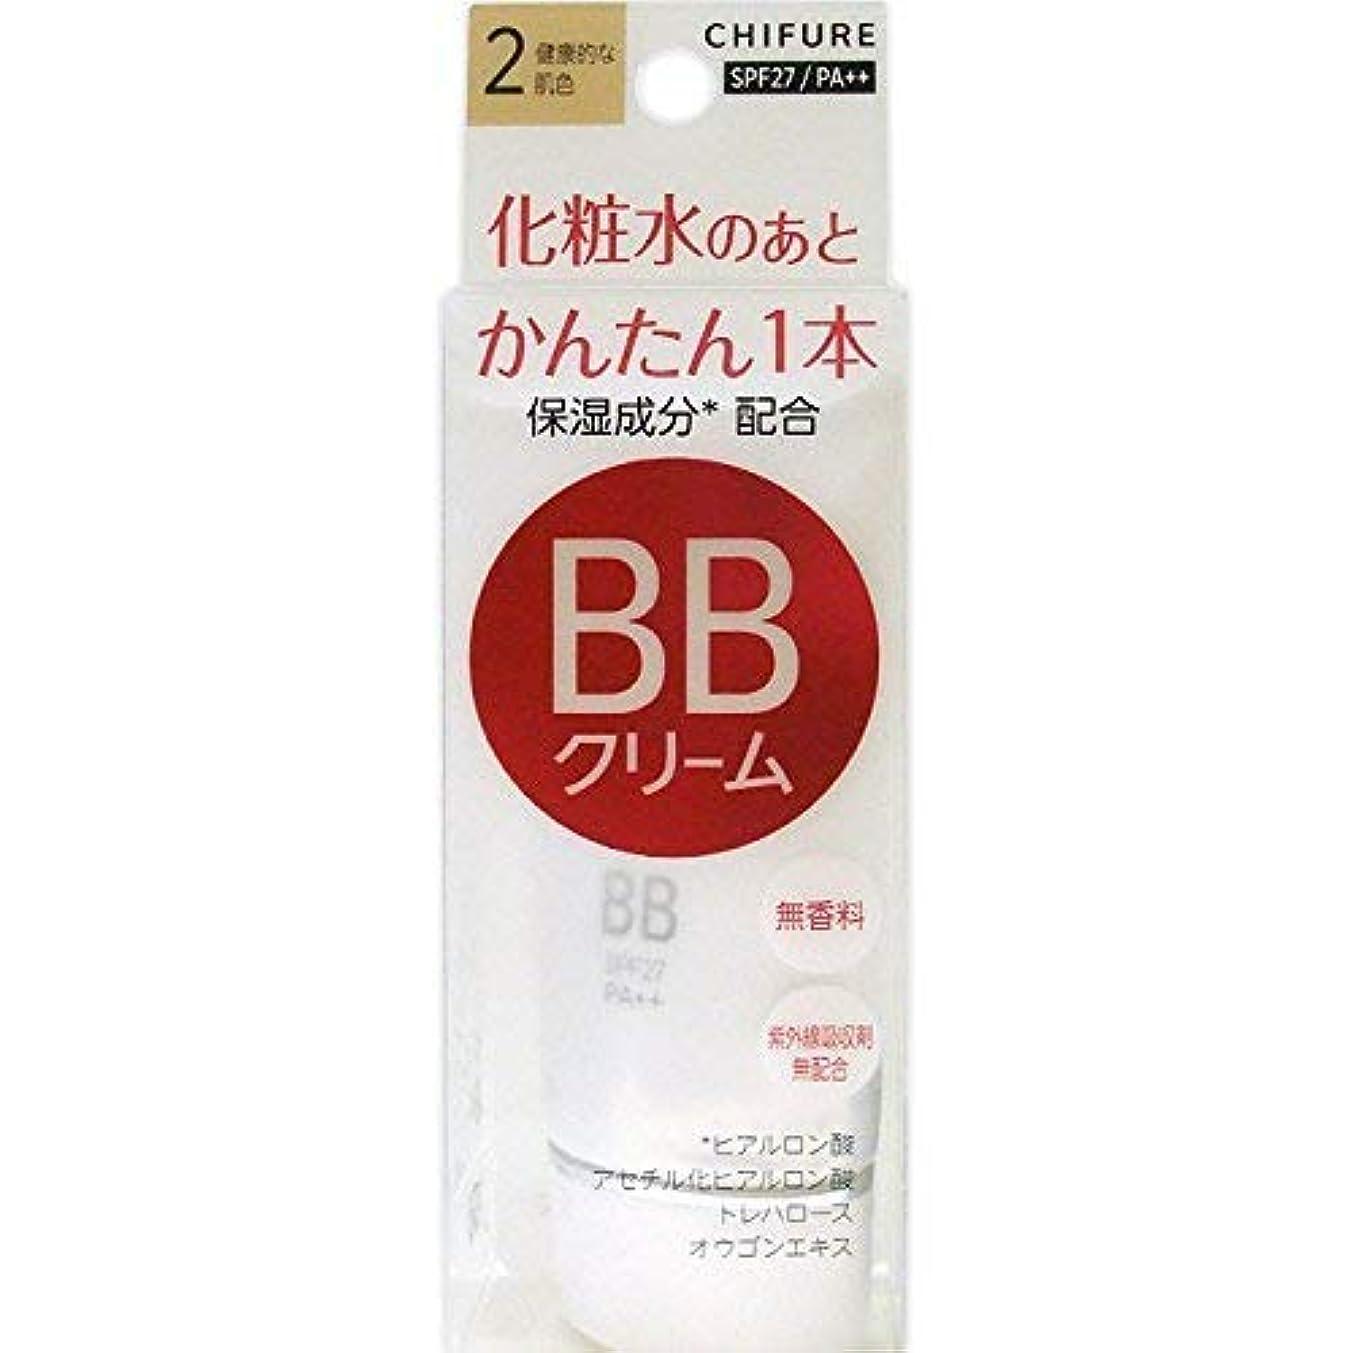 虚栄心非常に怒っています対応ちふれ化粧品 BB クリーム 2 健康的な肌色 BBクリーム 2